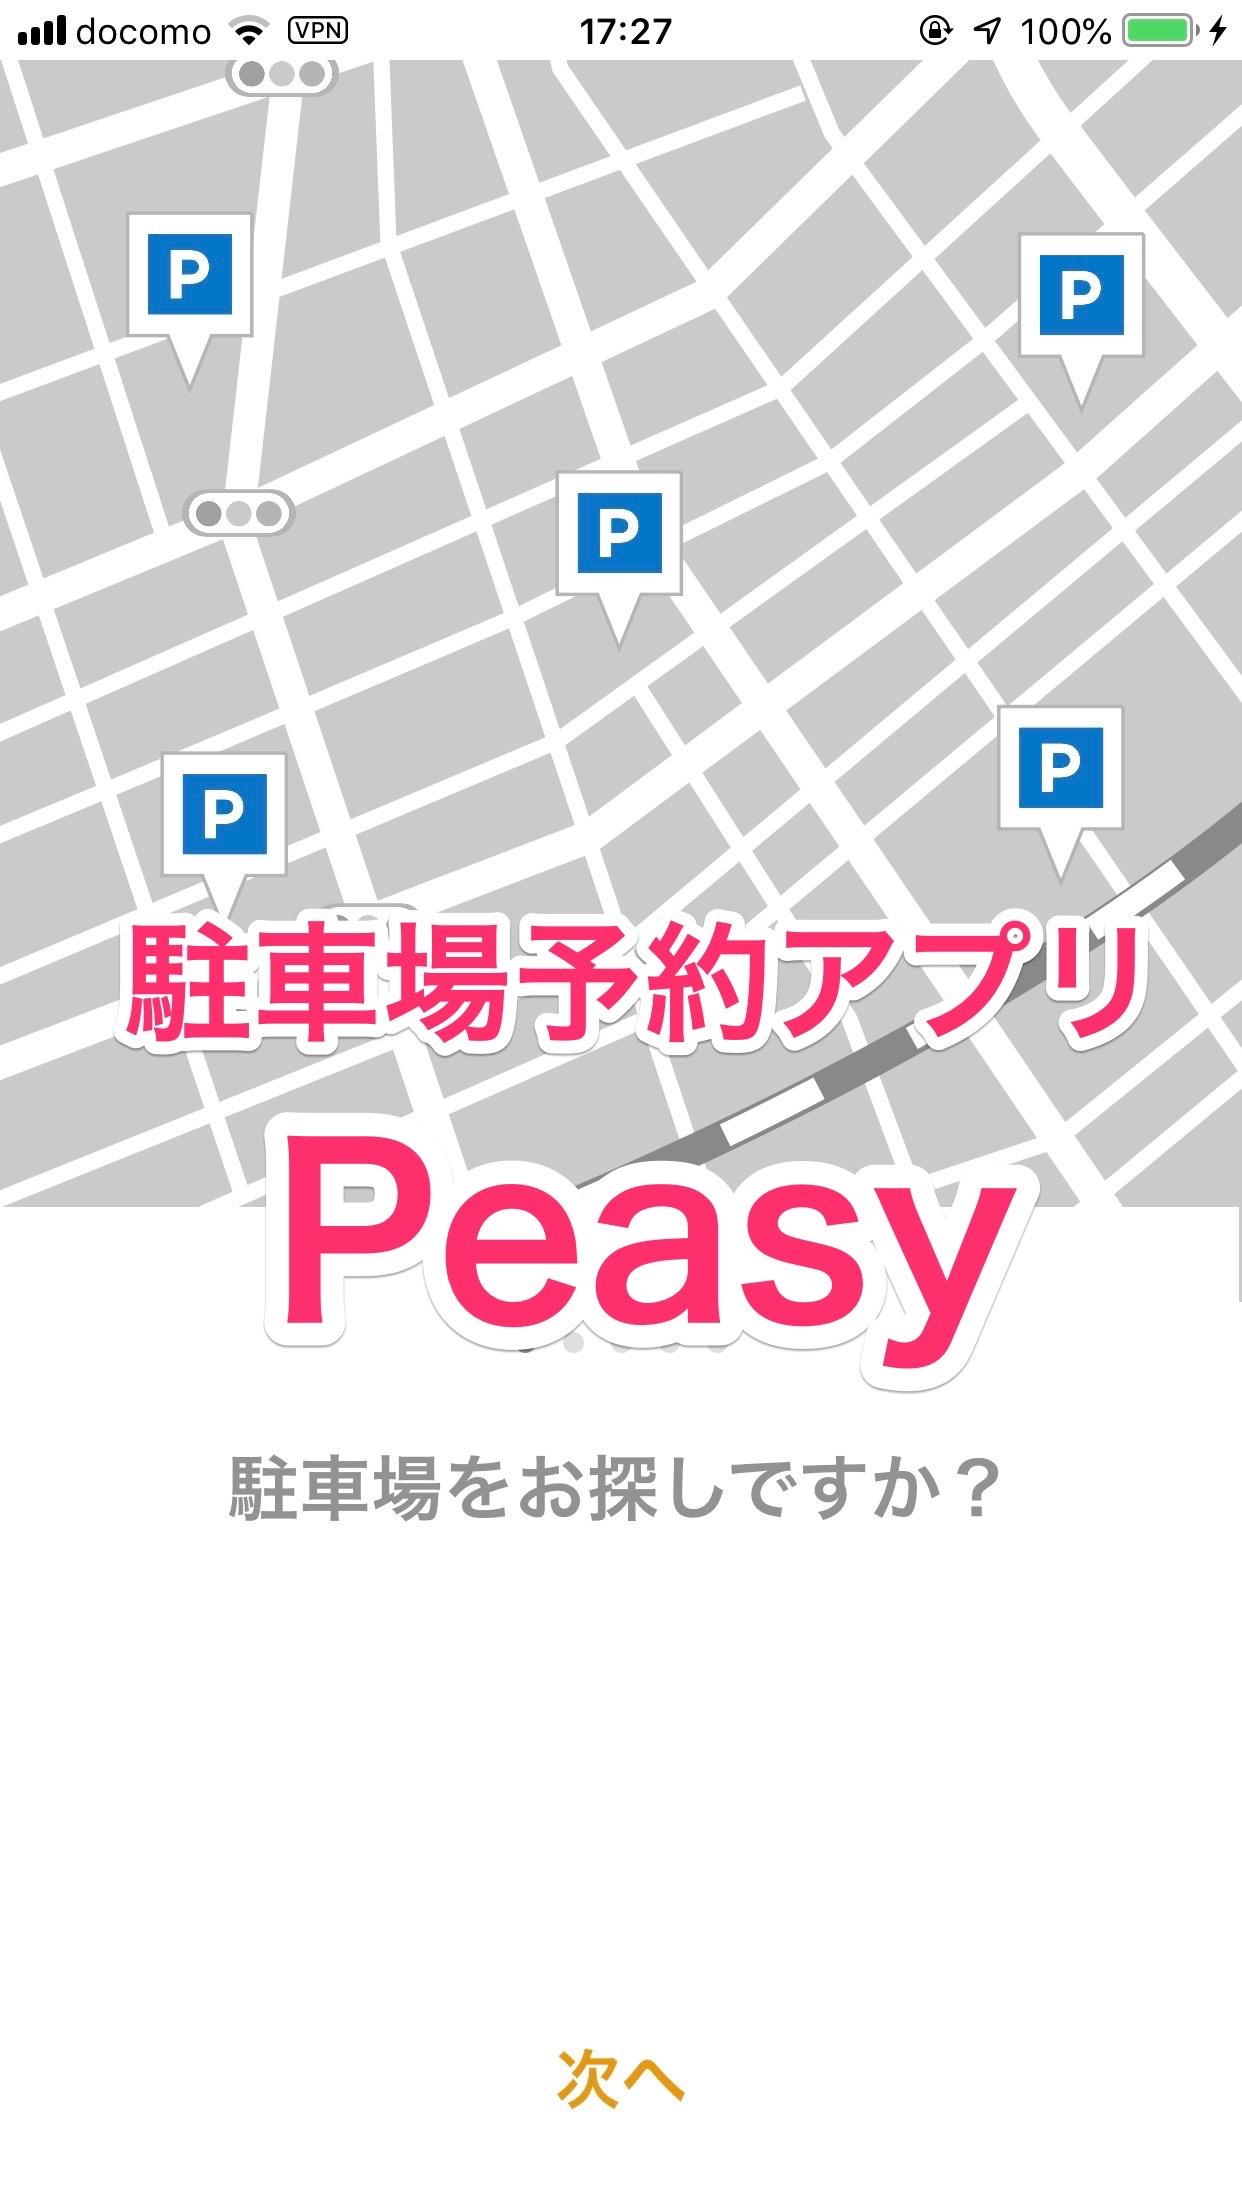 空き駐車場をお得にスマホ予約できるiPhoneアプリ「Peasy(ピージー)」